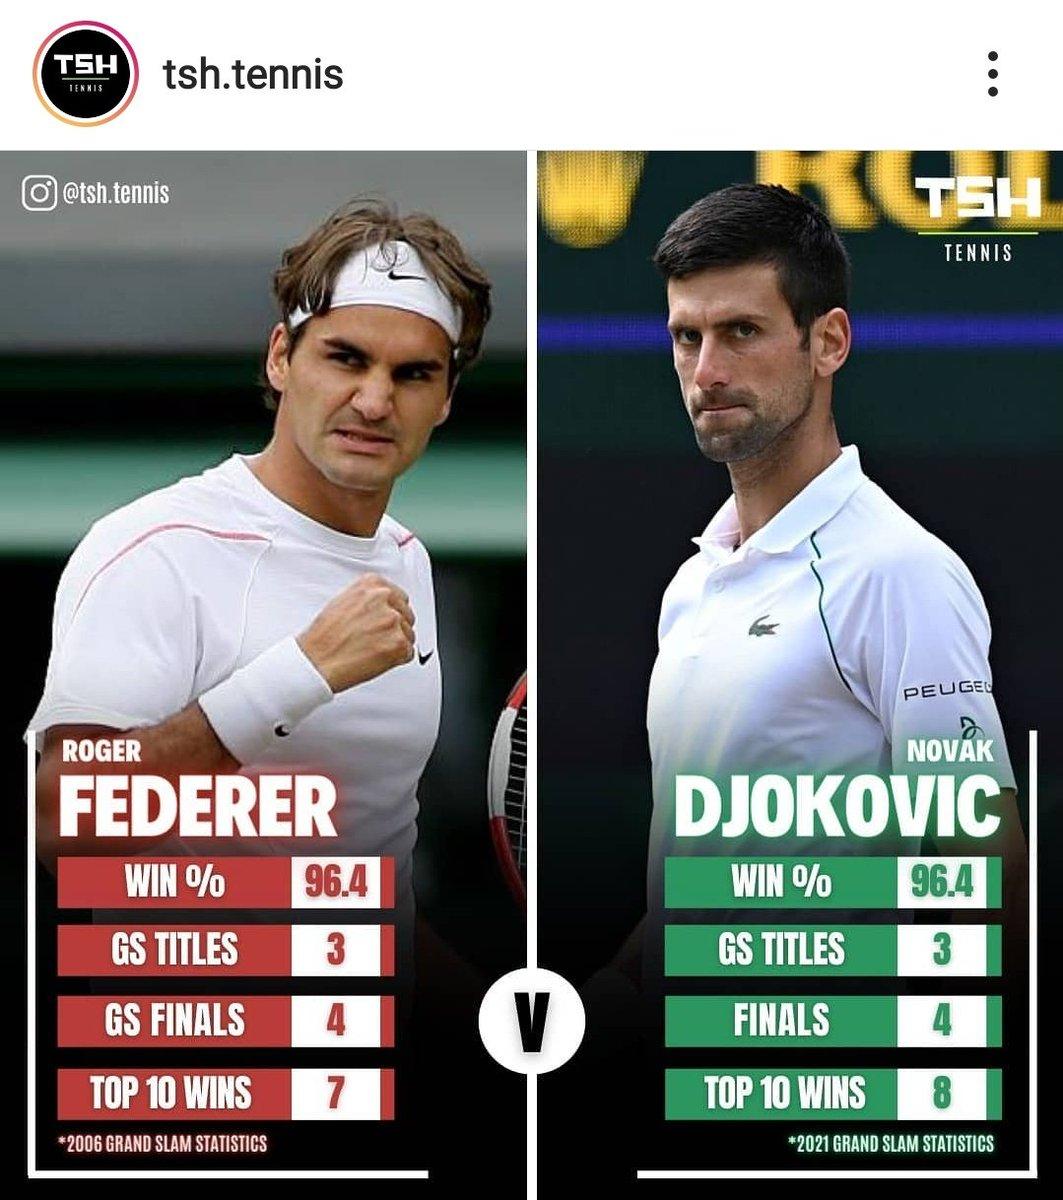 Federer 2006 ve Djokovic 2021 sezon karşılaştırması: